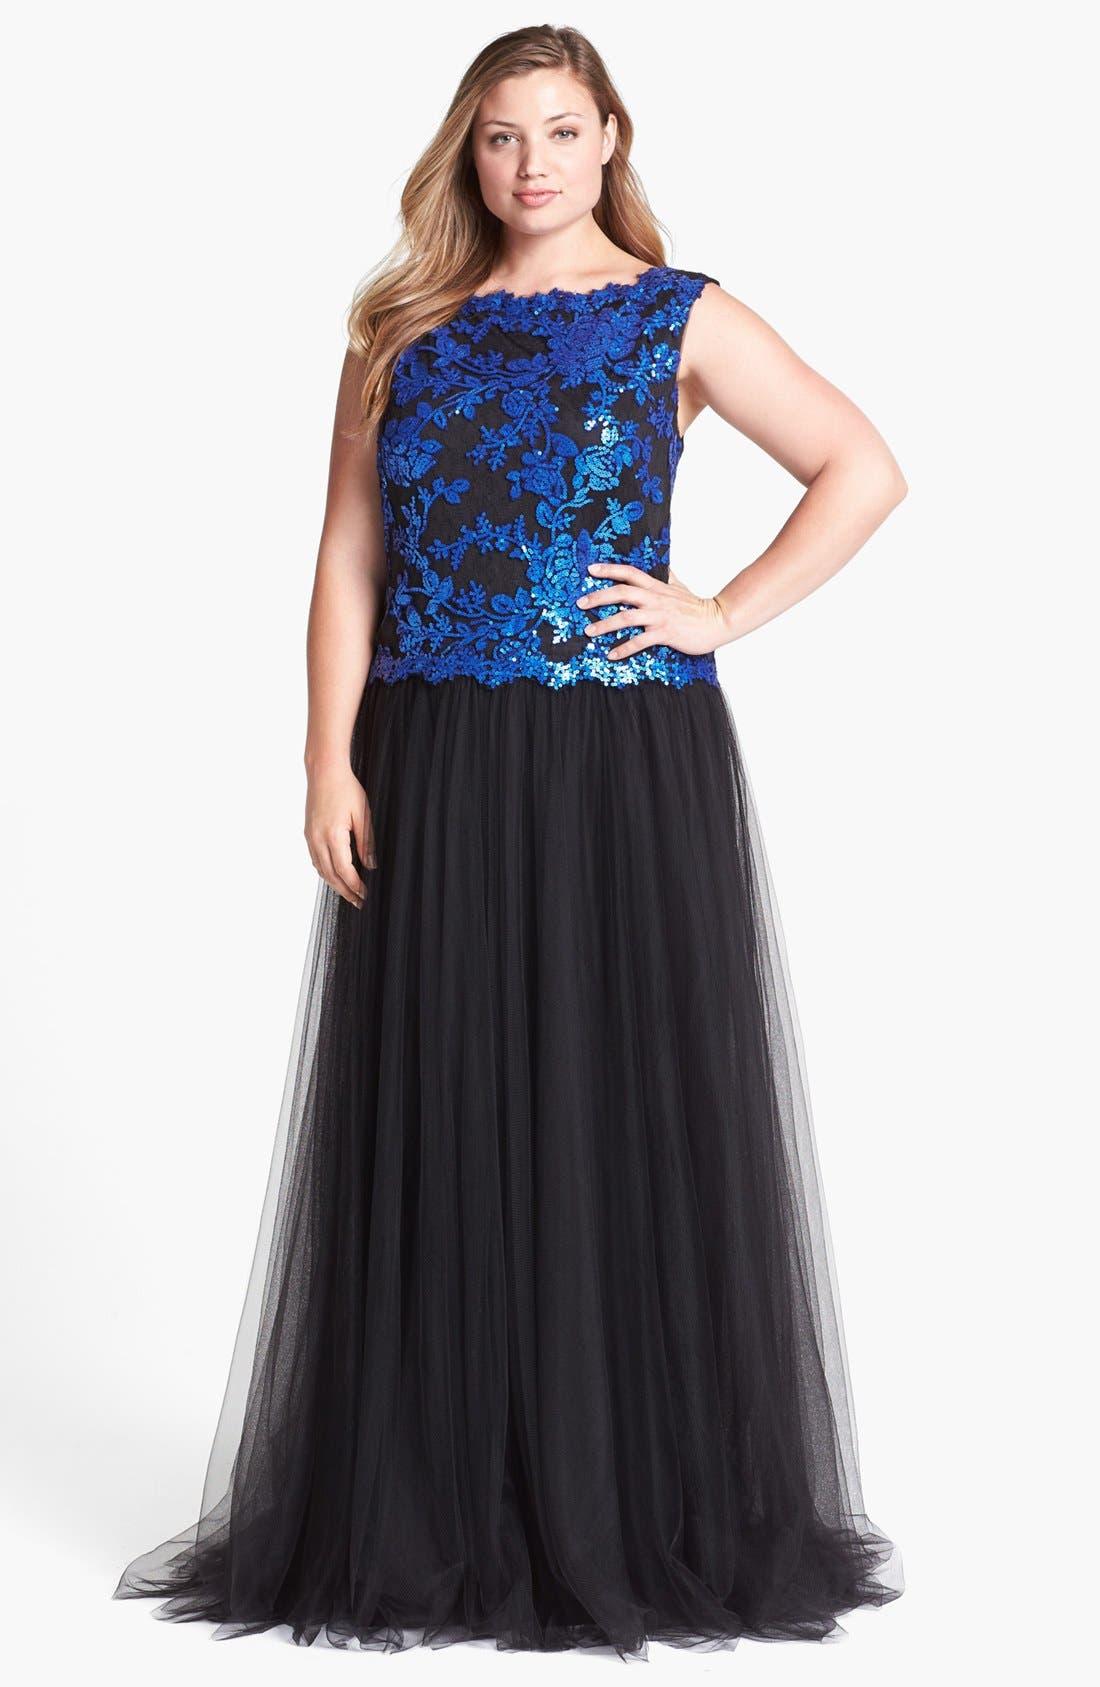 Alternate Image 1 Selected - Tadashi Shoji Embellished Lace & Tulle Gown (Plus Size)